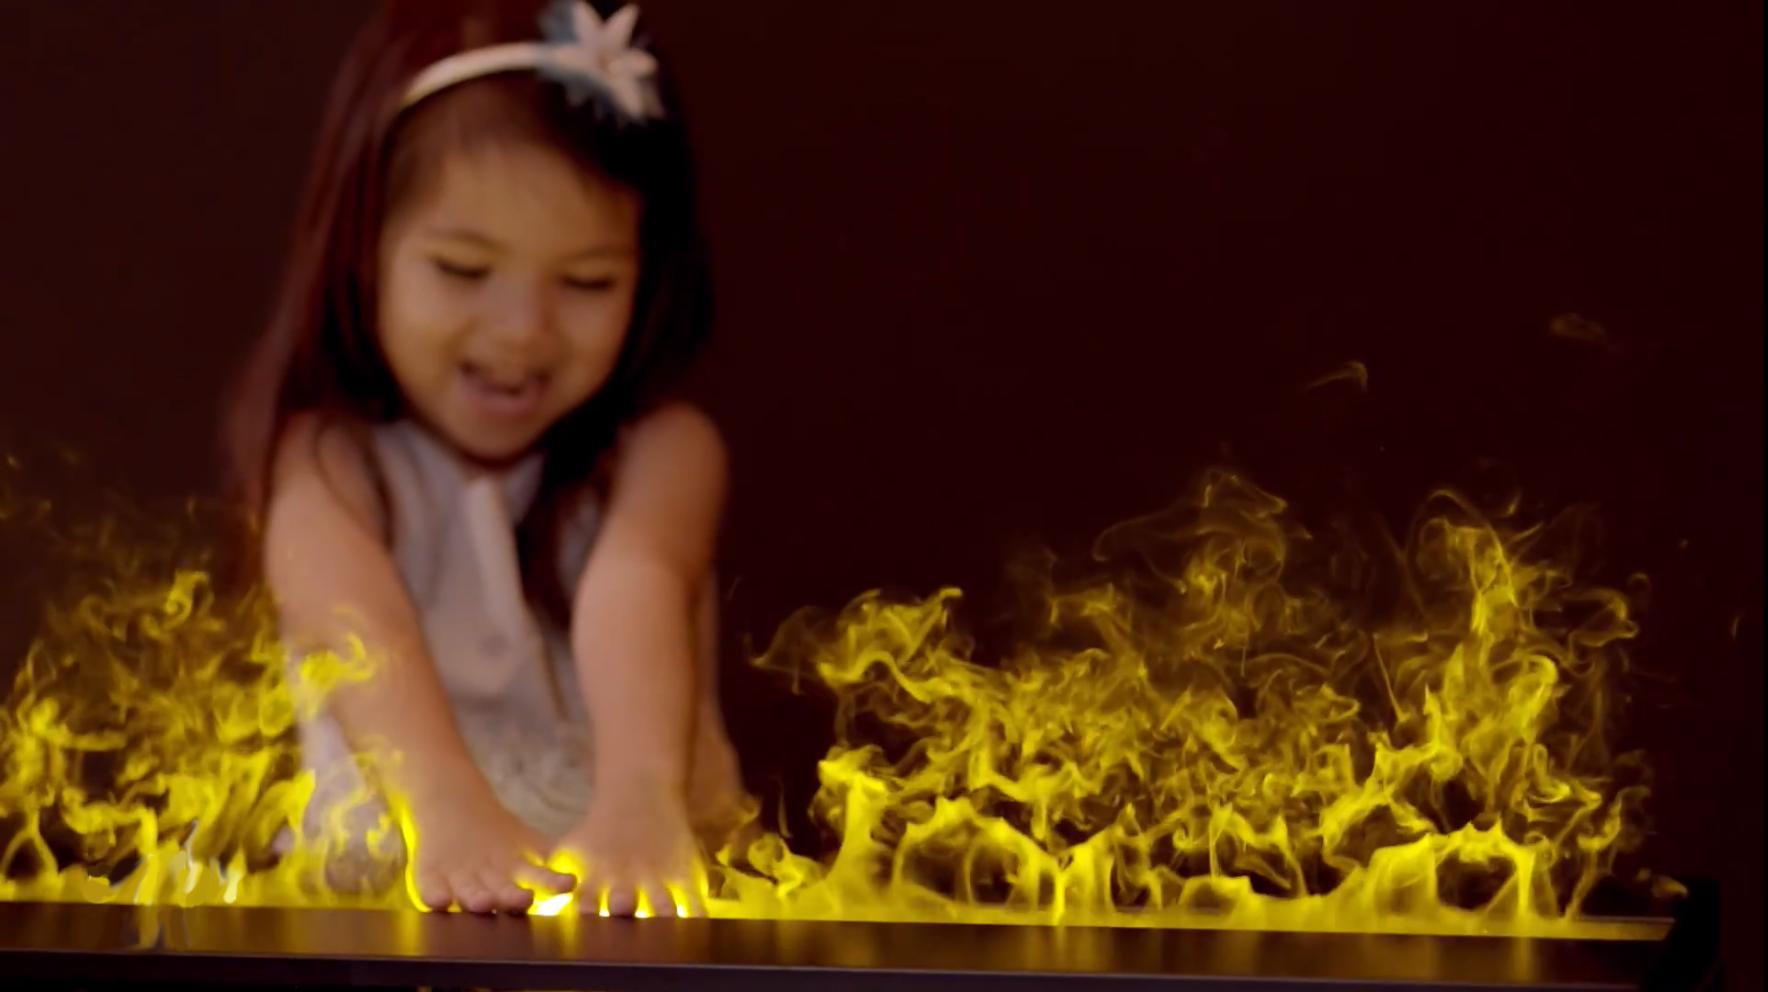 Niña tocando el fuego sin quemarse